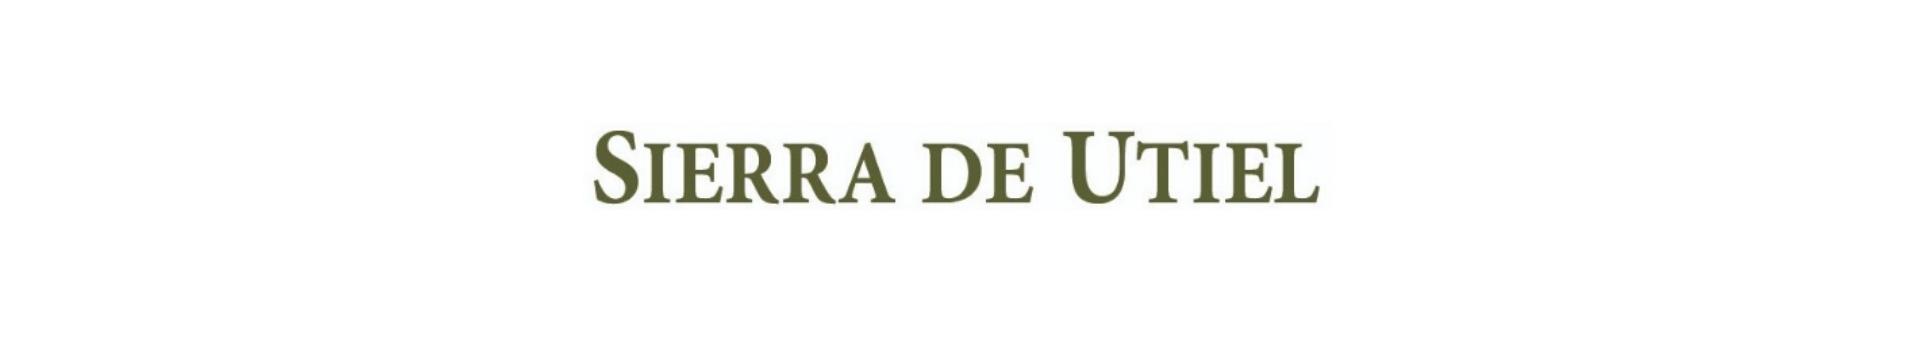 Sierra de Utiel